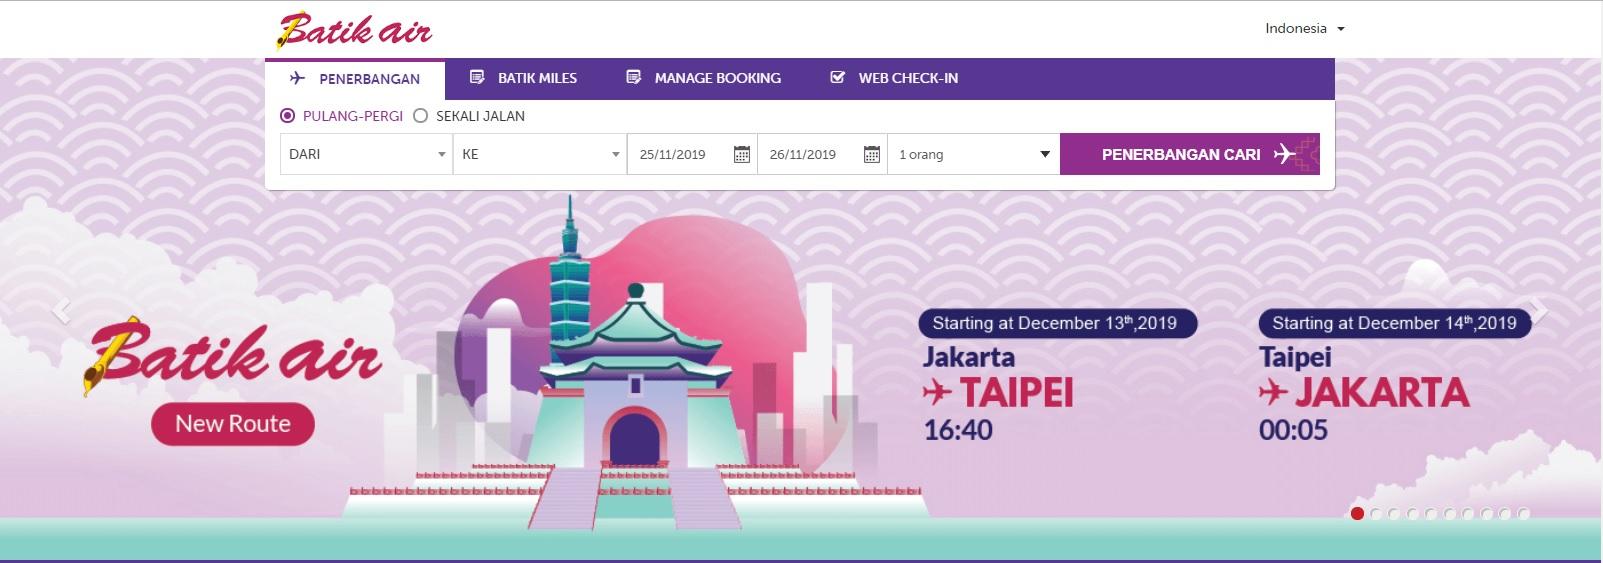 Rute Langsung Taiwan Indonesia Kini Bertambah Dengan Penerbangan Perdana Batik Air Nihao Indonesia